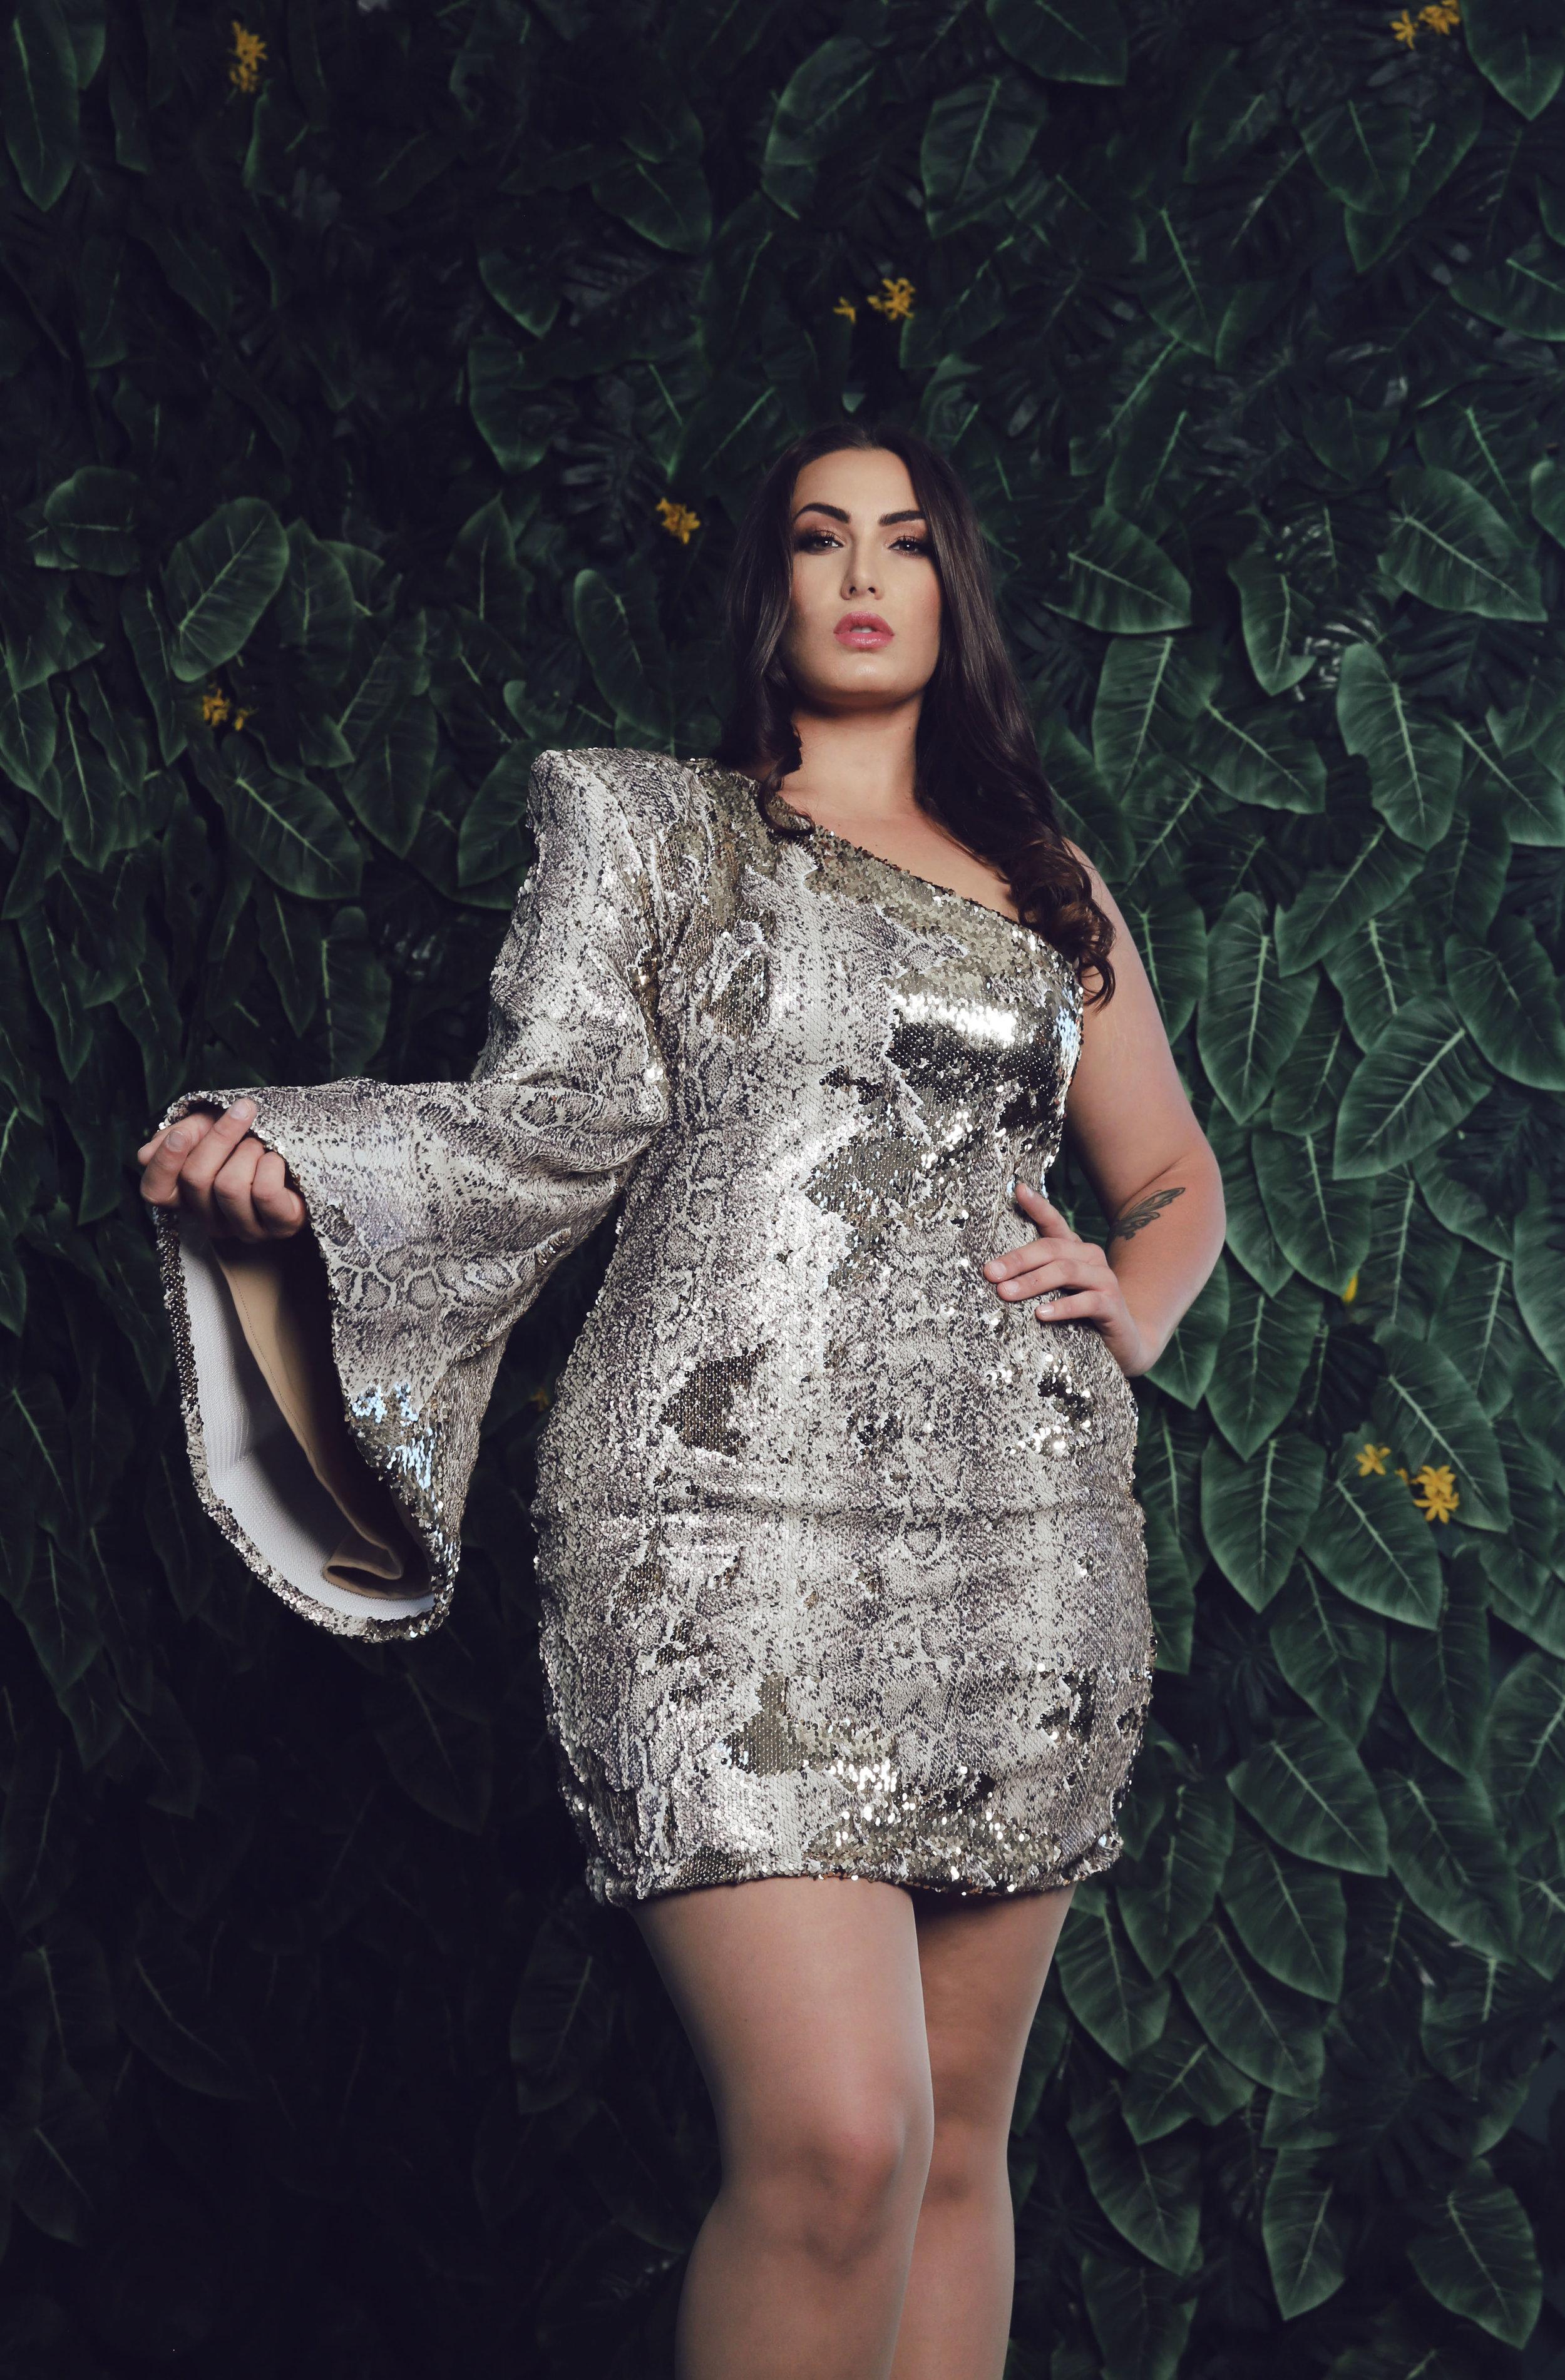 Photographer: Boko Cecile @bokocecile Models: Arissa Lebrock @arissa_le_brock Designer: Melissa Mercedes @_ Melissamercedes _